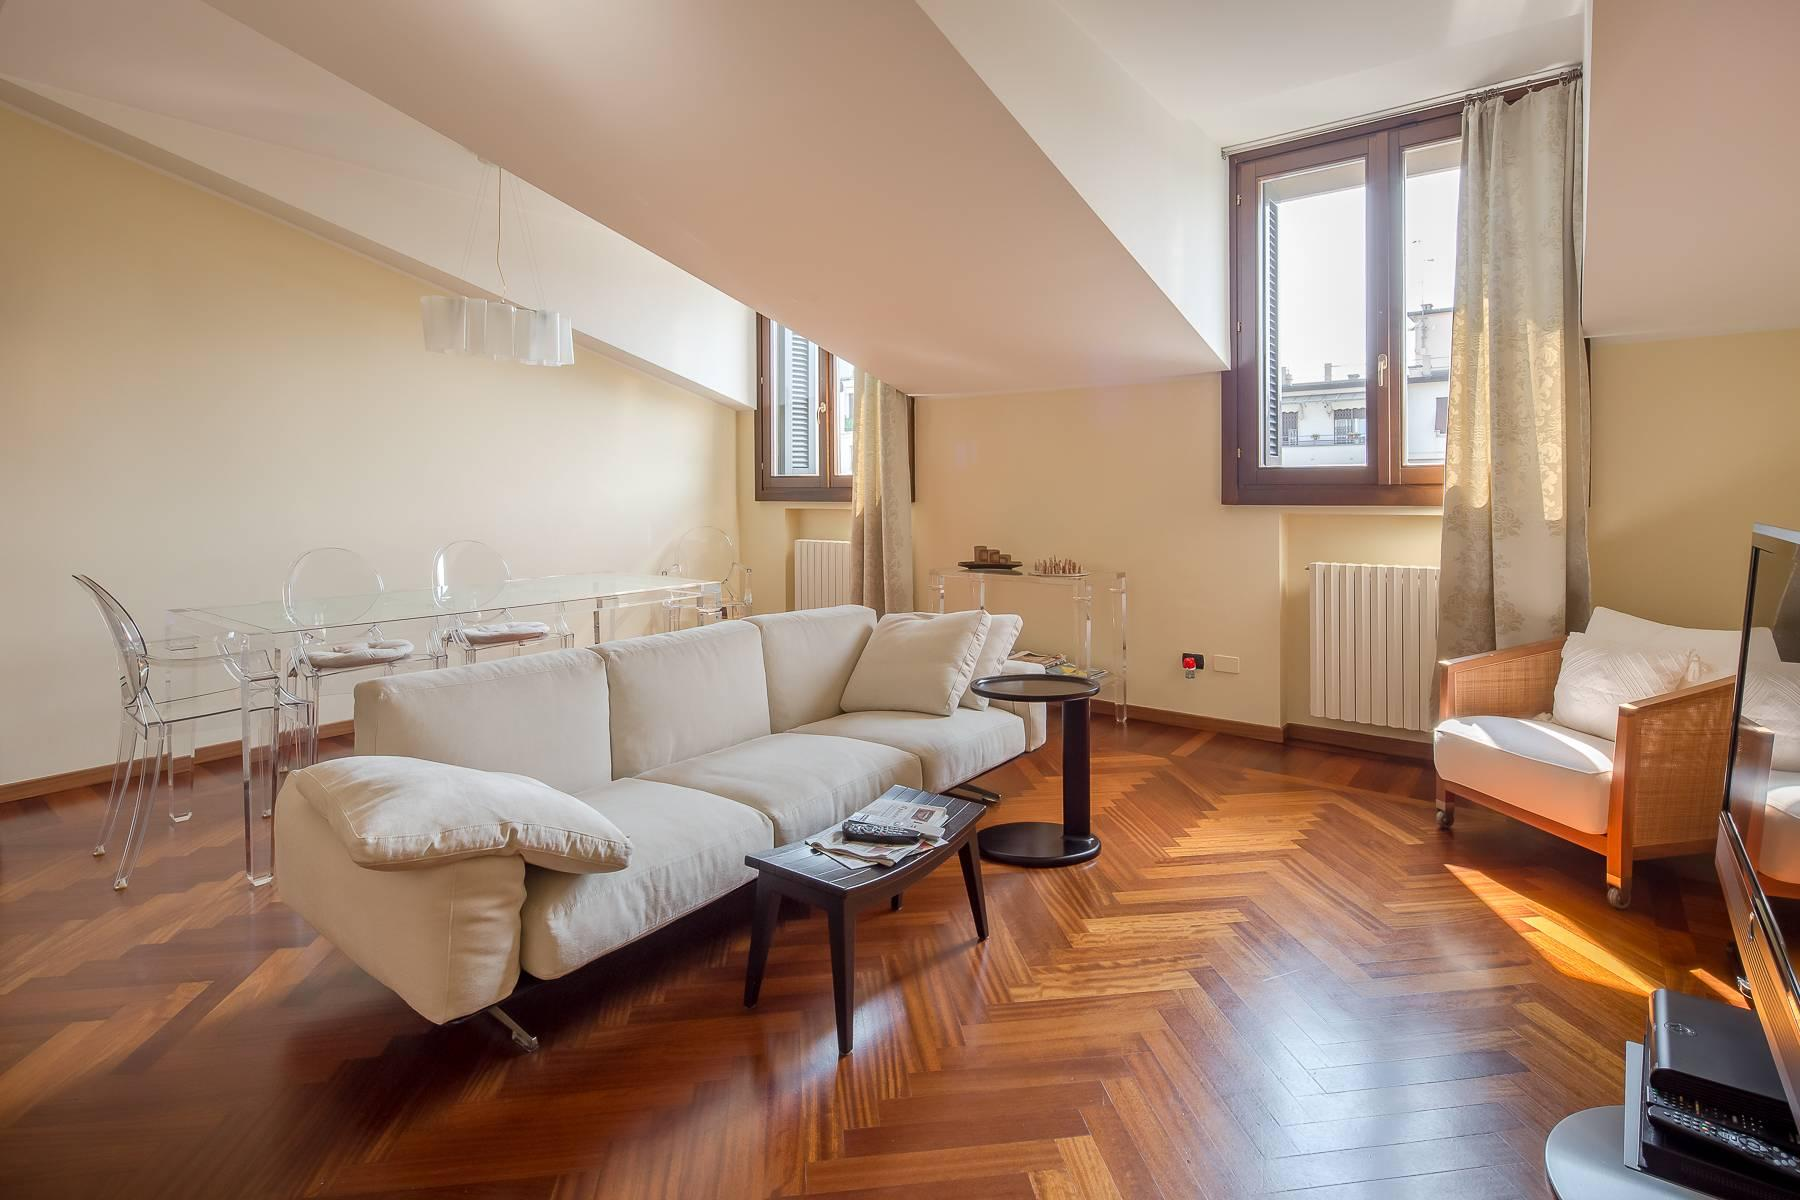 Grazioso appartamento mansardato con 4 camere in Magenta - 2